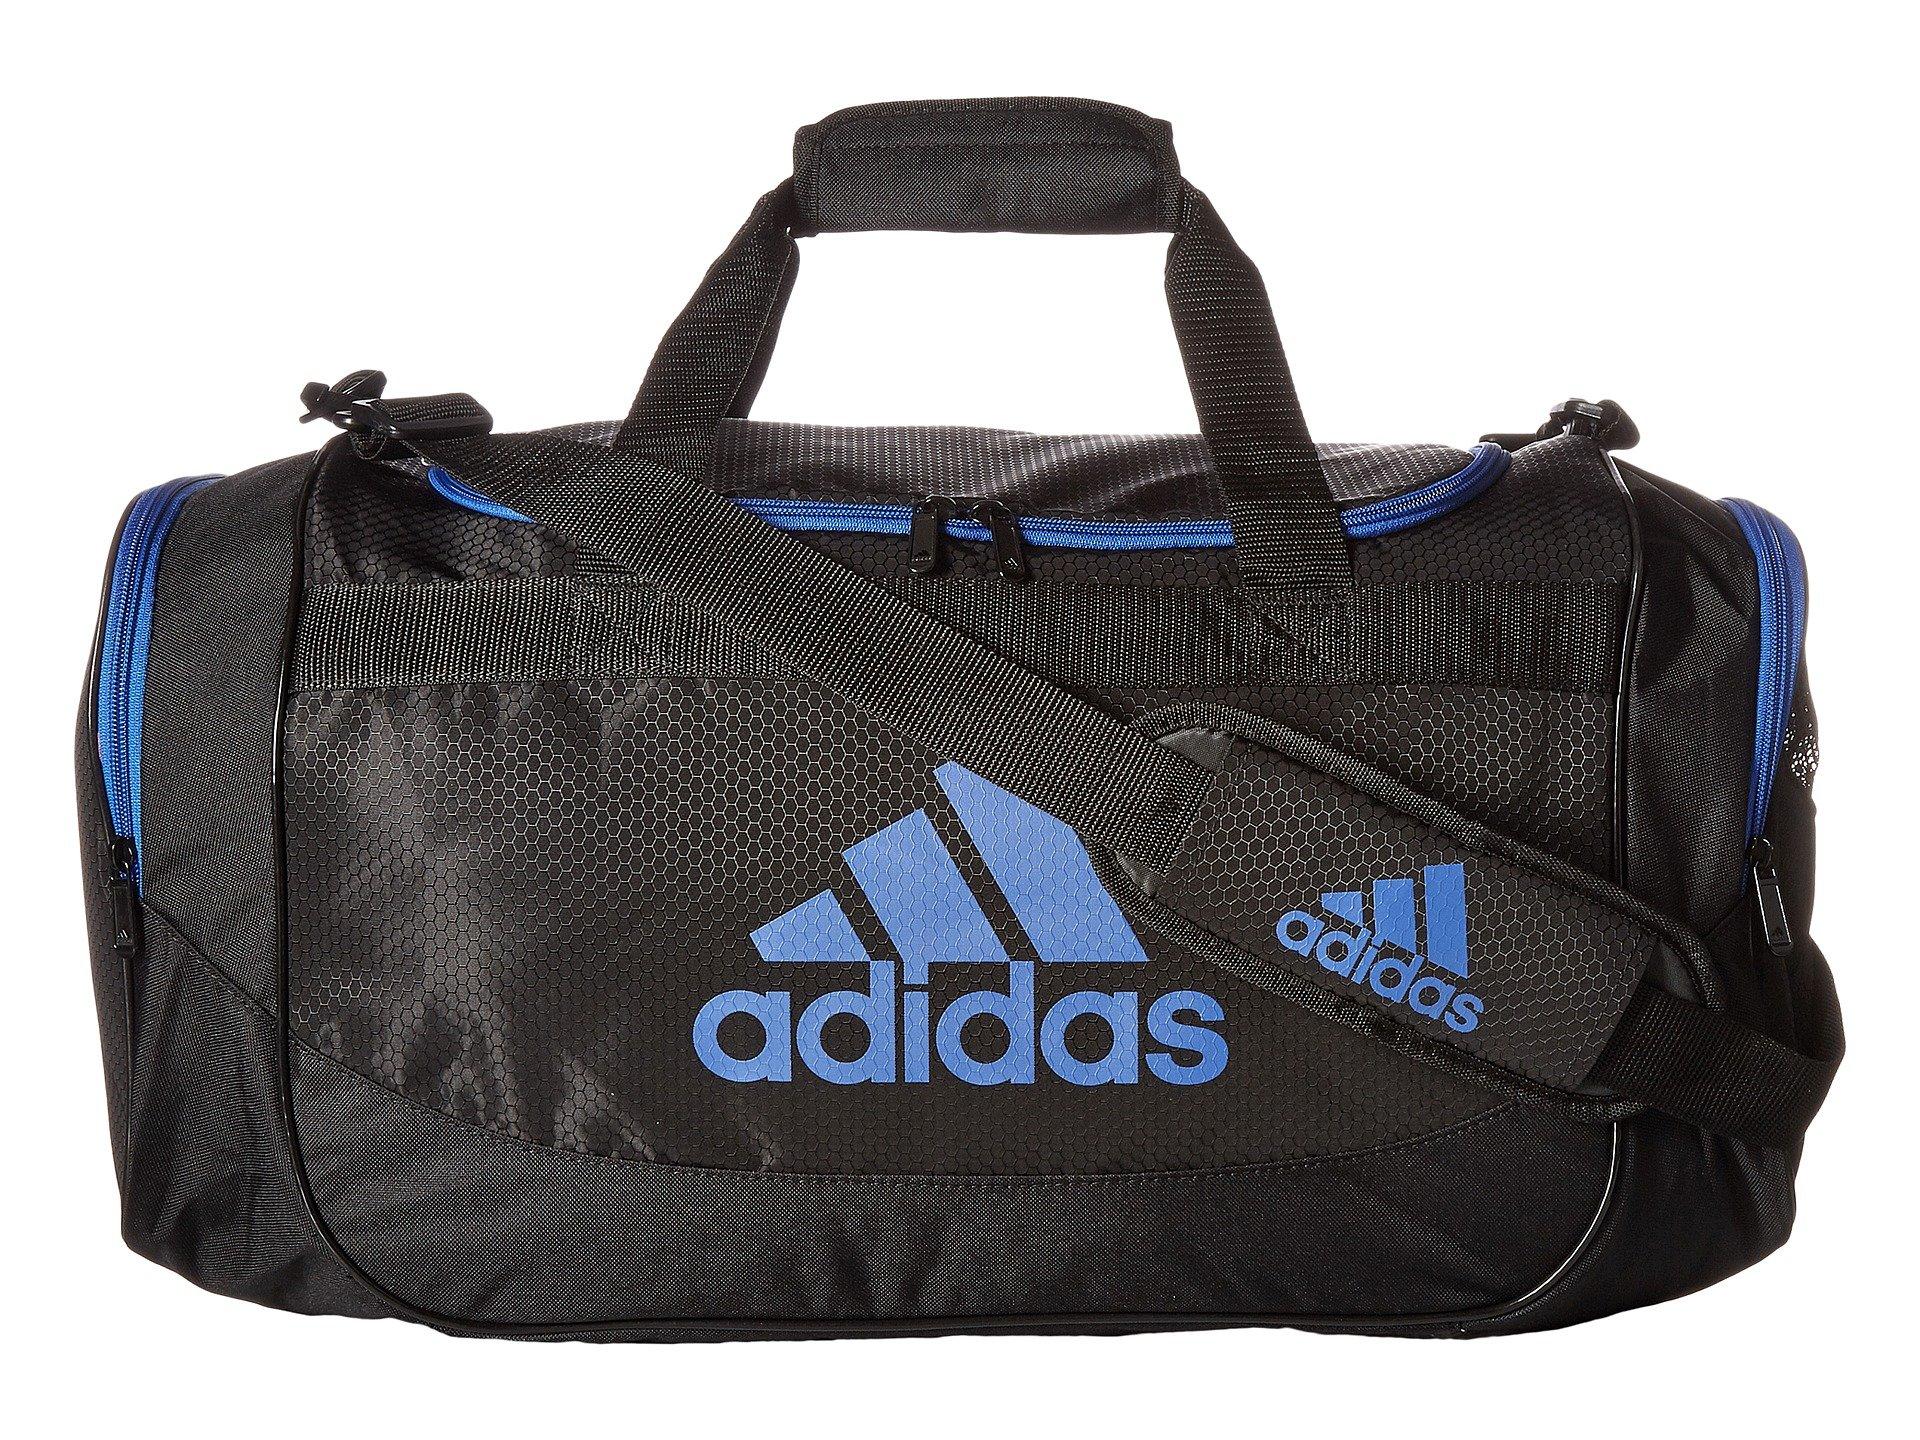 adidas Unisex Medium Defense Duffel Black/Blue One Size